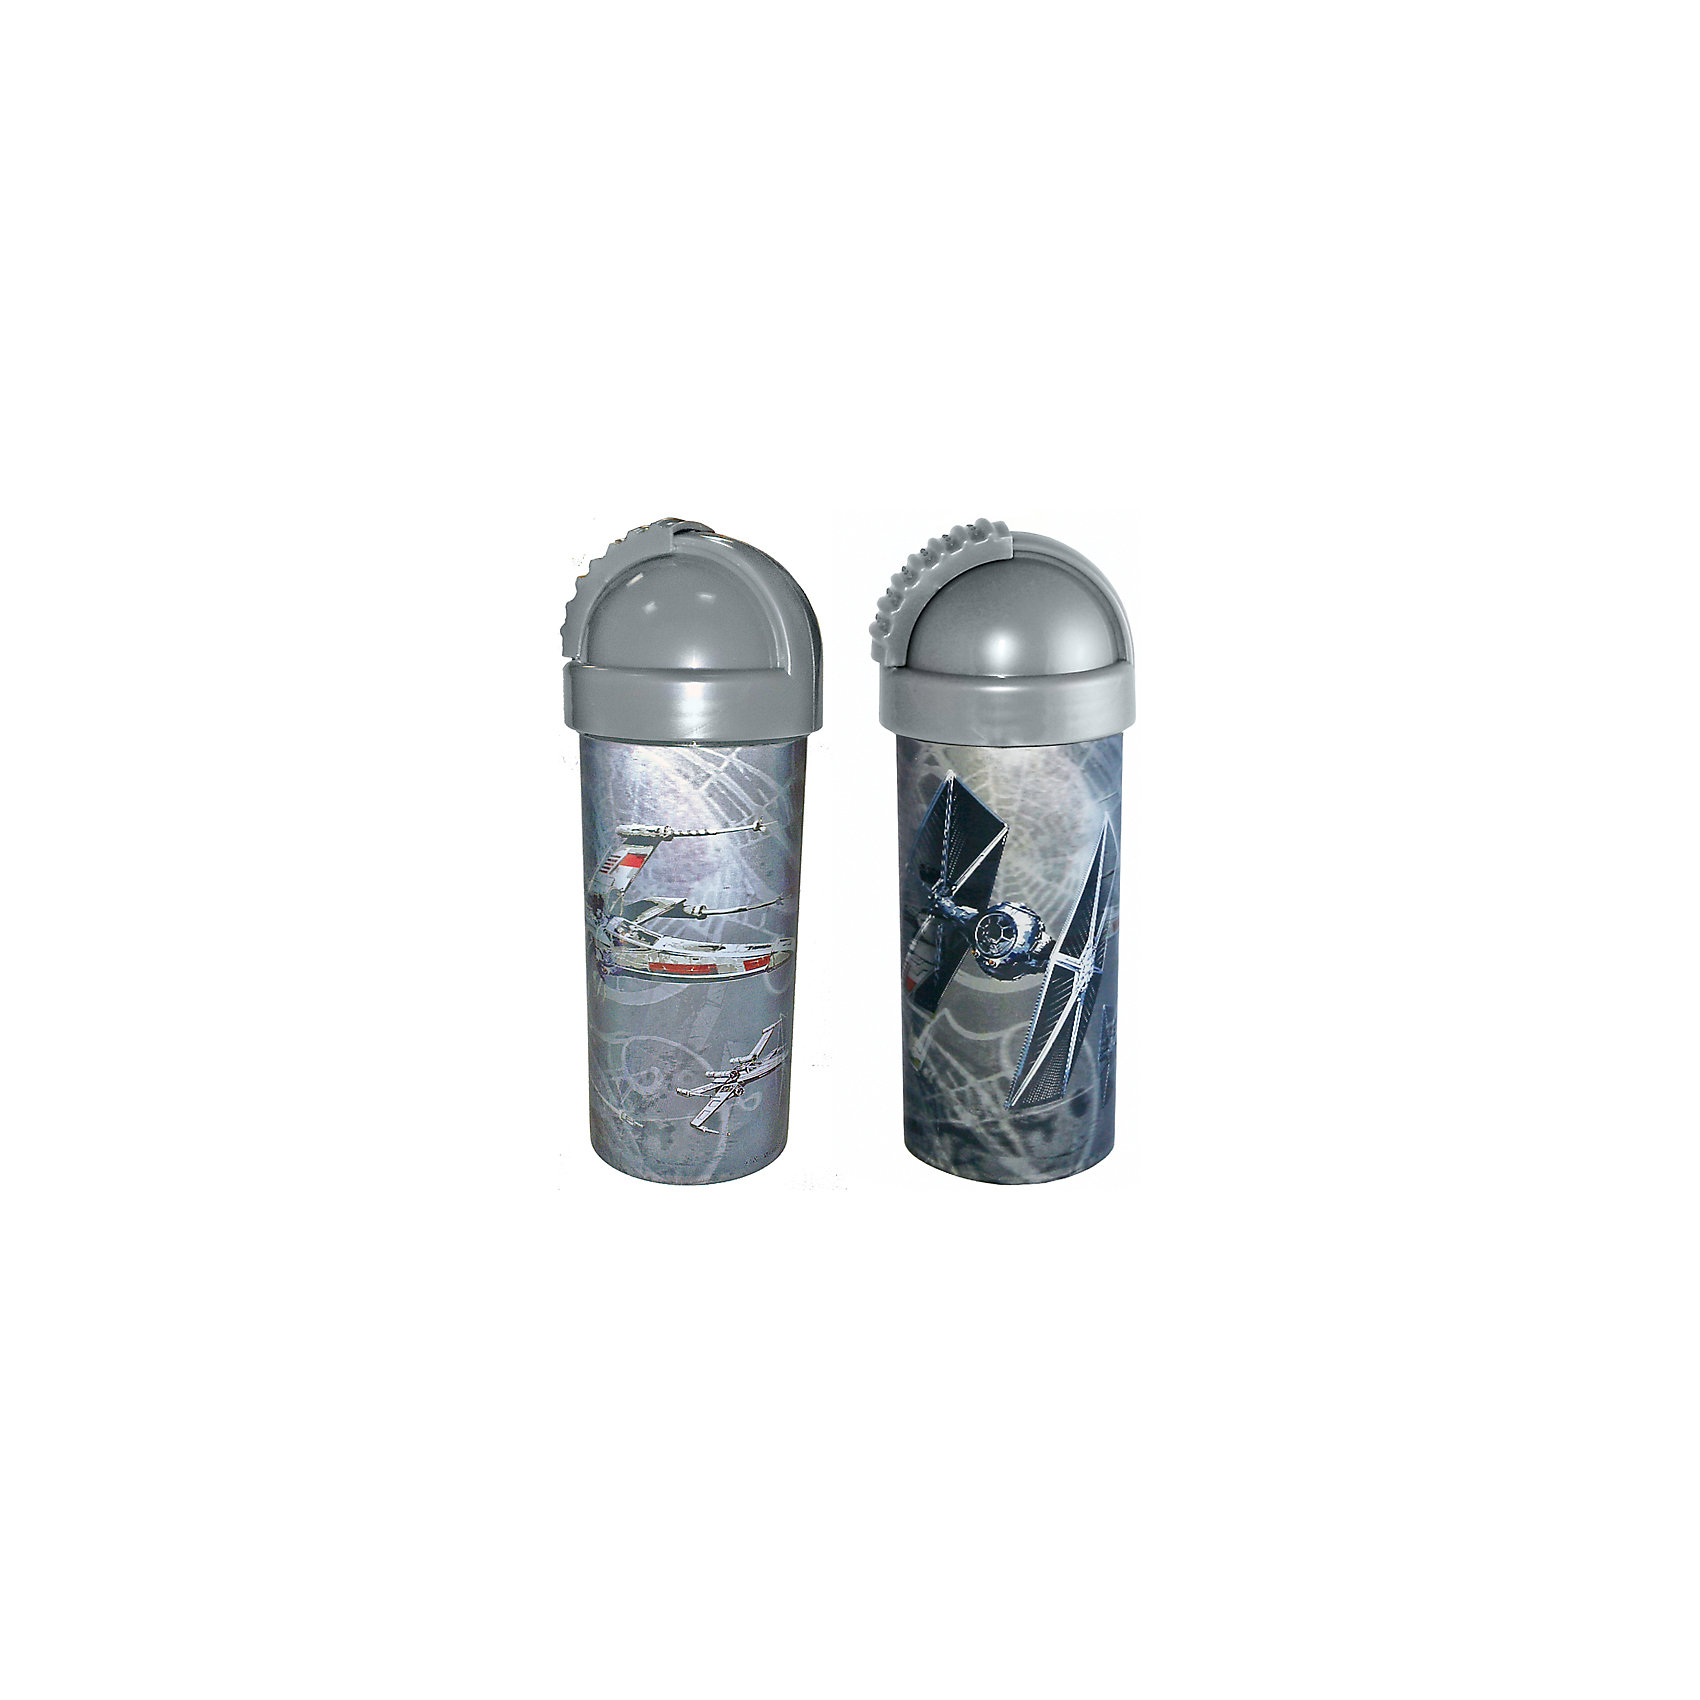 МФК-профит Фляга, 400 мл, Звездные войны полироль пластика goodyear атлантическая свежесть матовый аэрозоль 400 мл